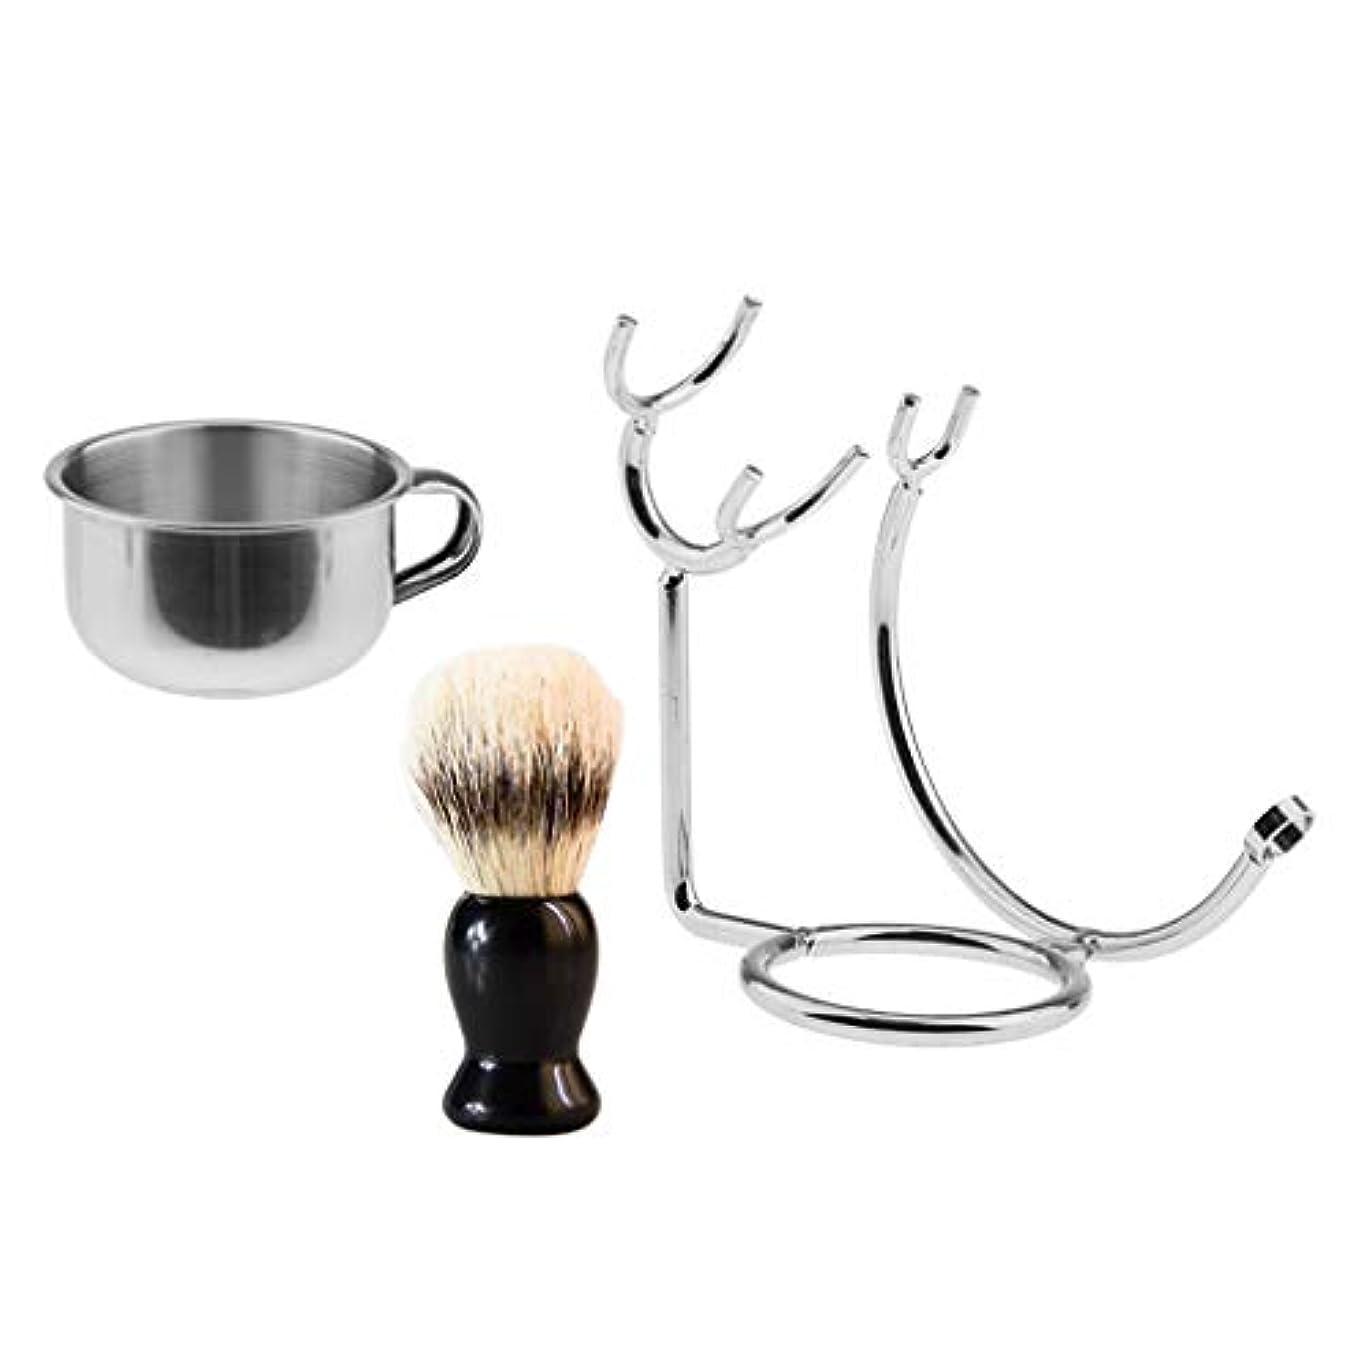 ペットモニター誤解するシェービング 髭剃り シェービングボウル シェービングブラシ ブラシスタンド 理容 洗顔 メンズ用 3点